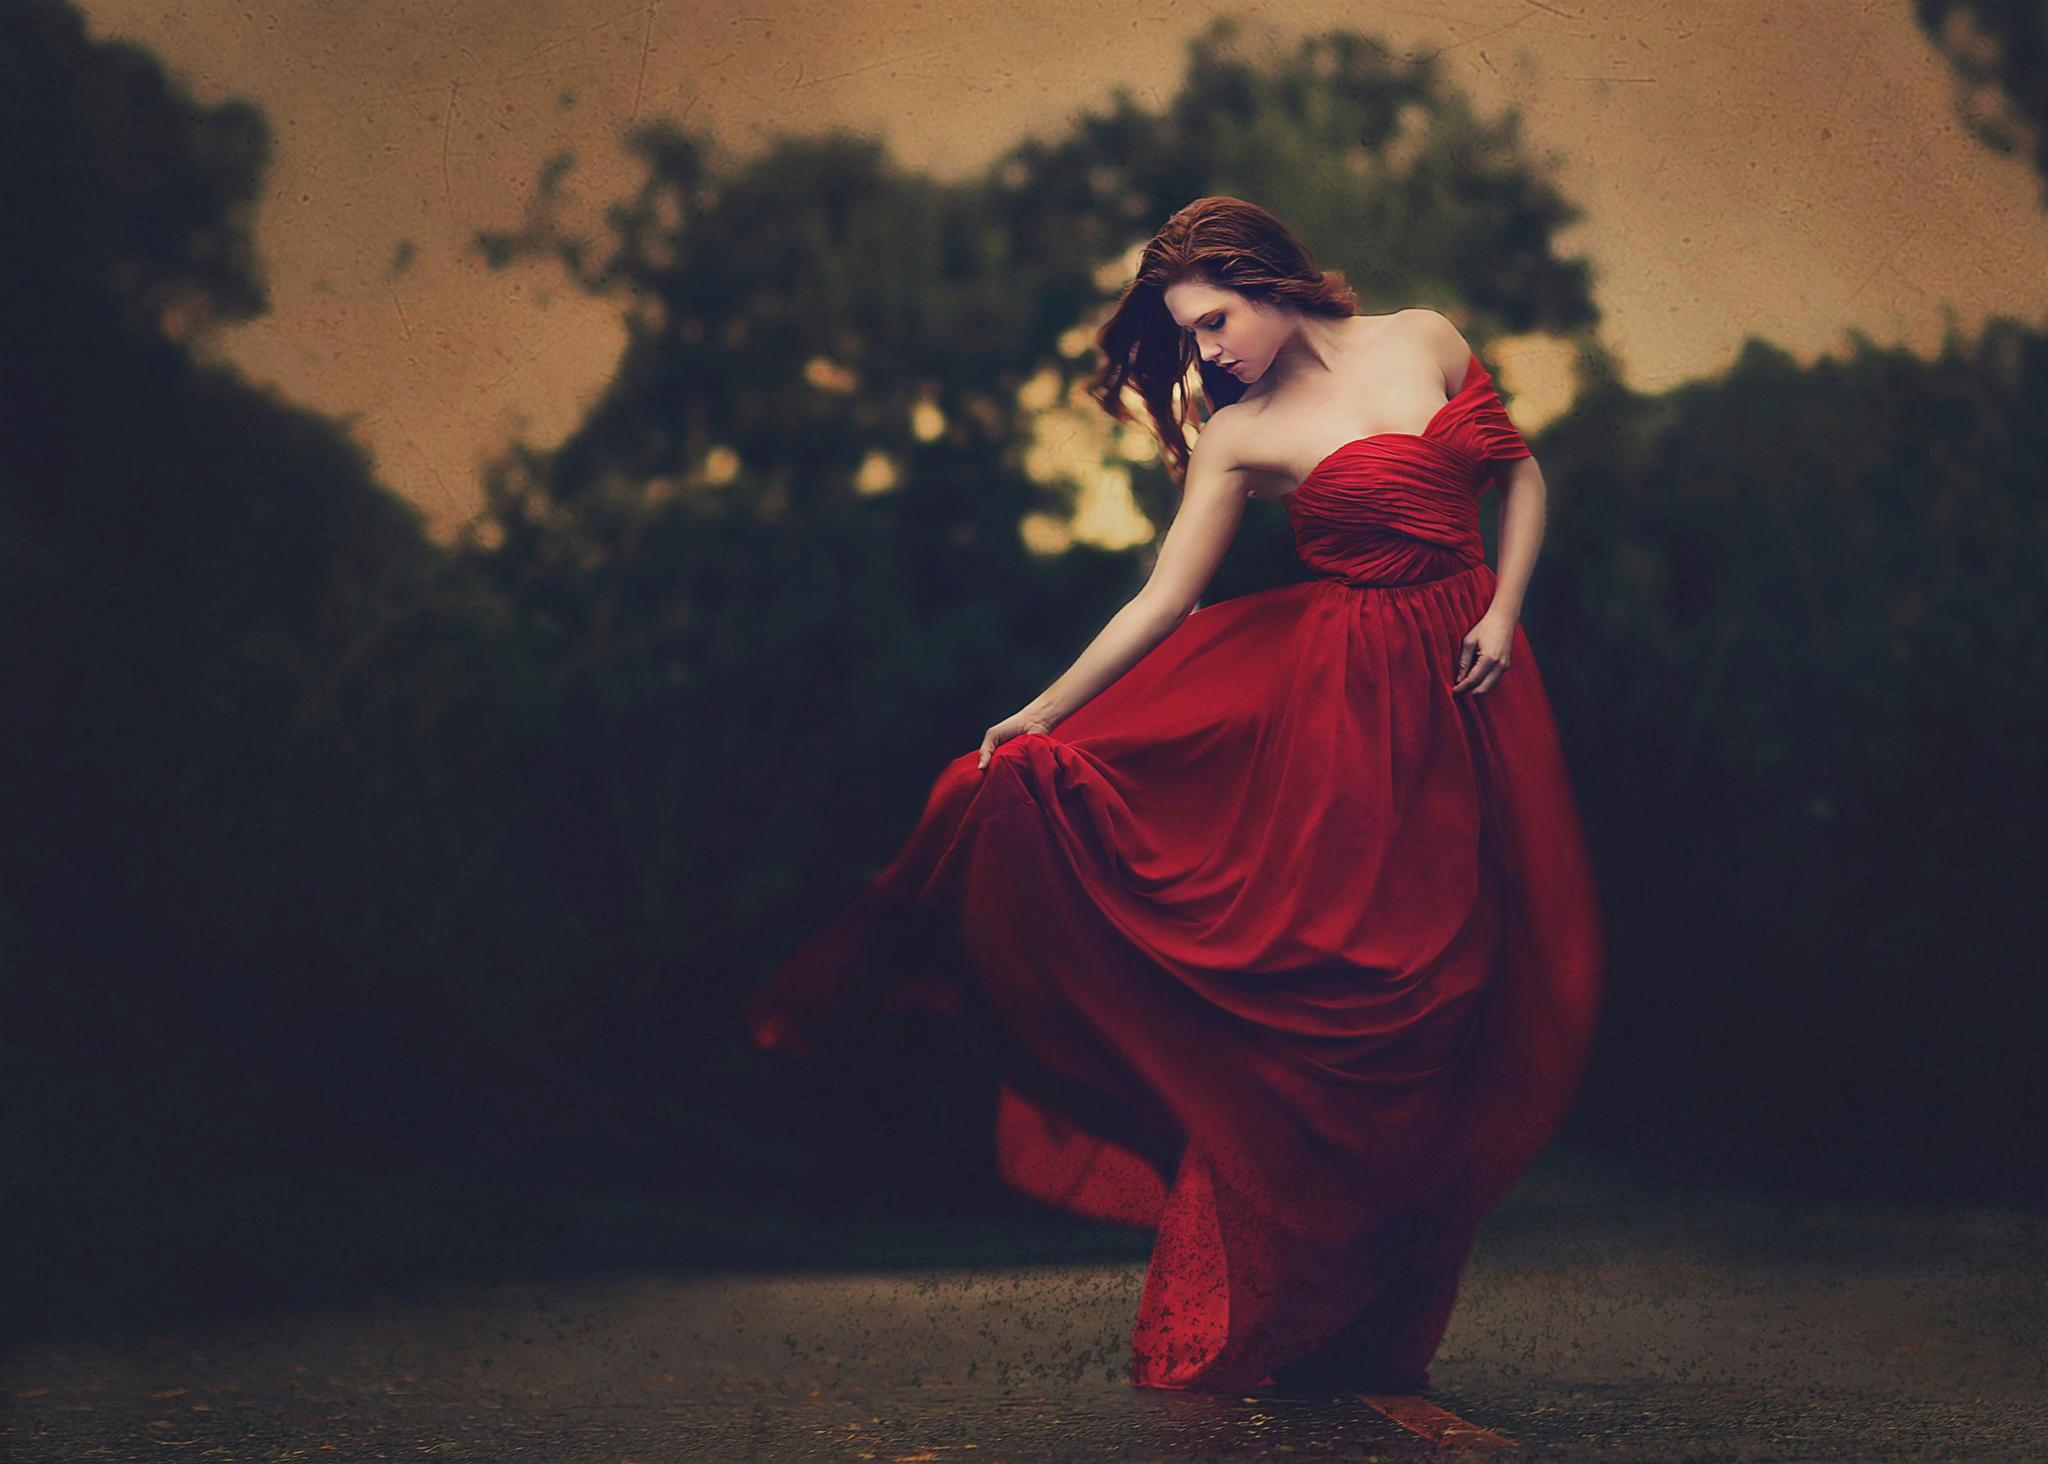 Девушка в красном на земле  № 2707603 загрузить